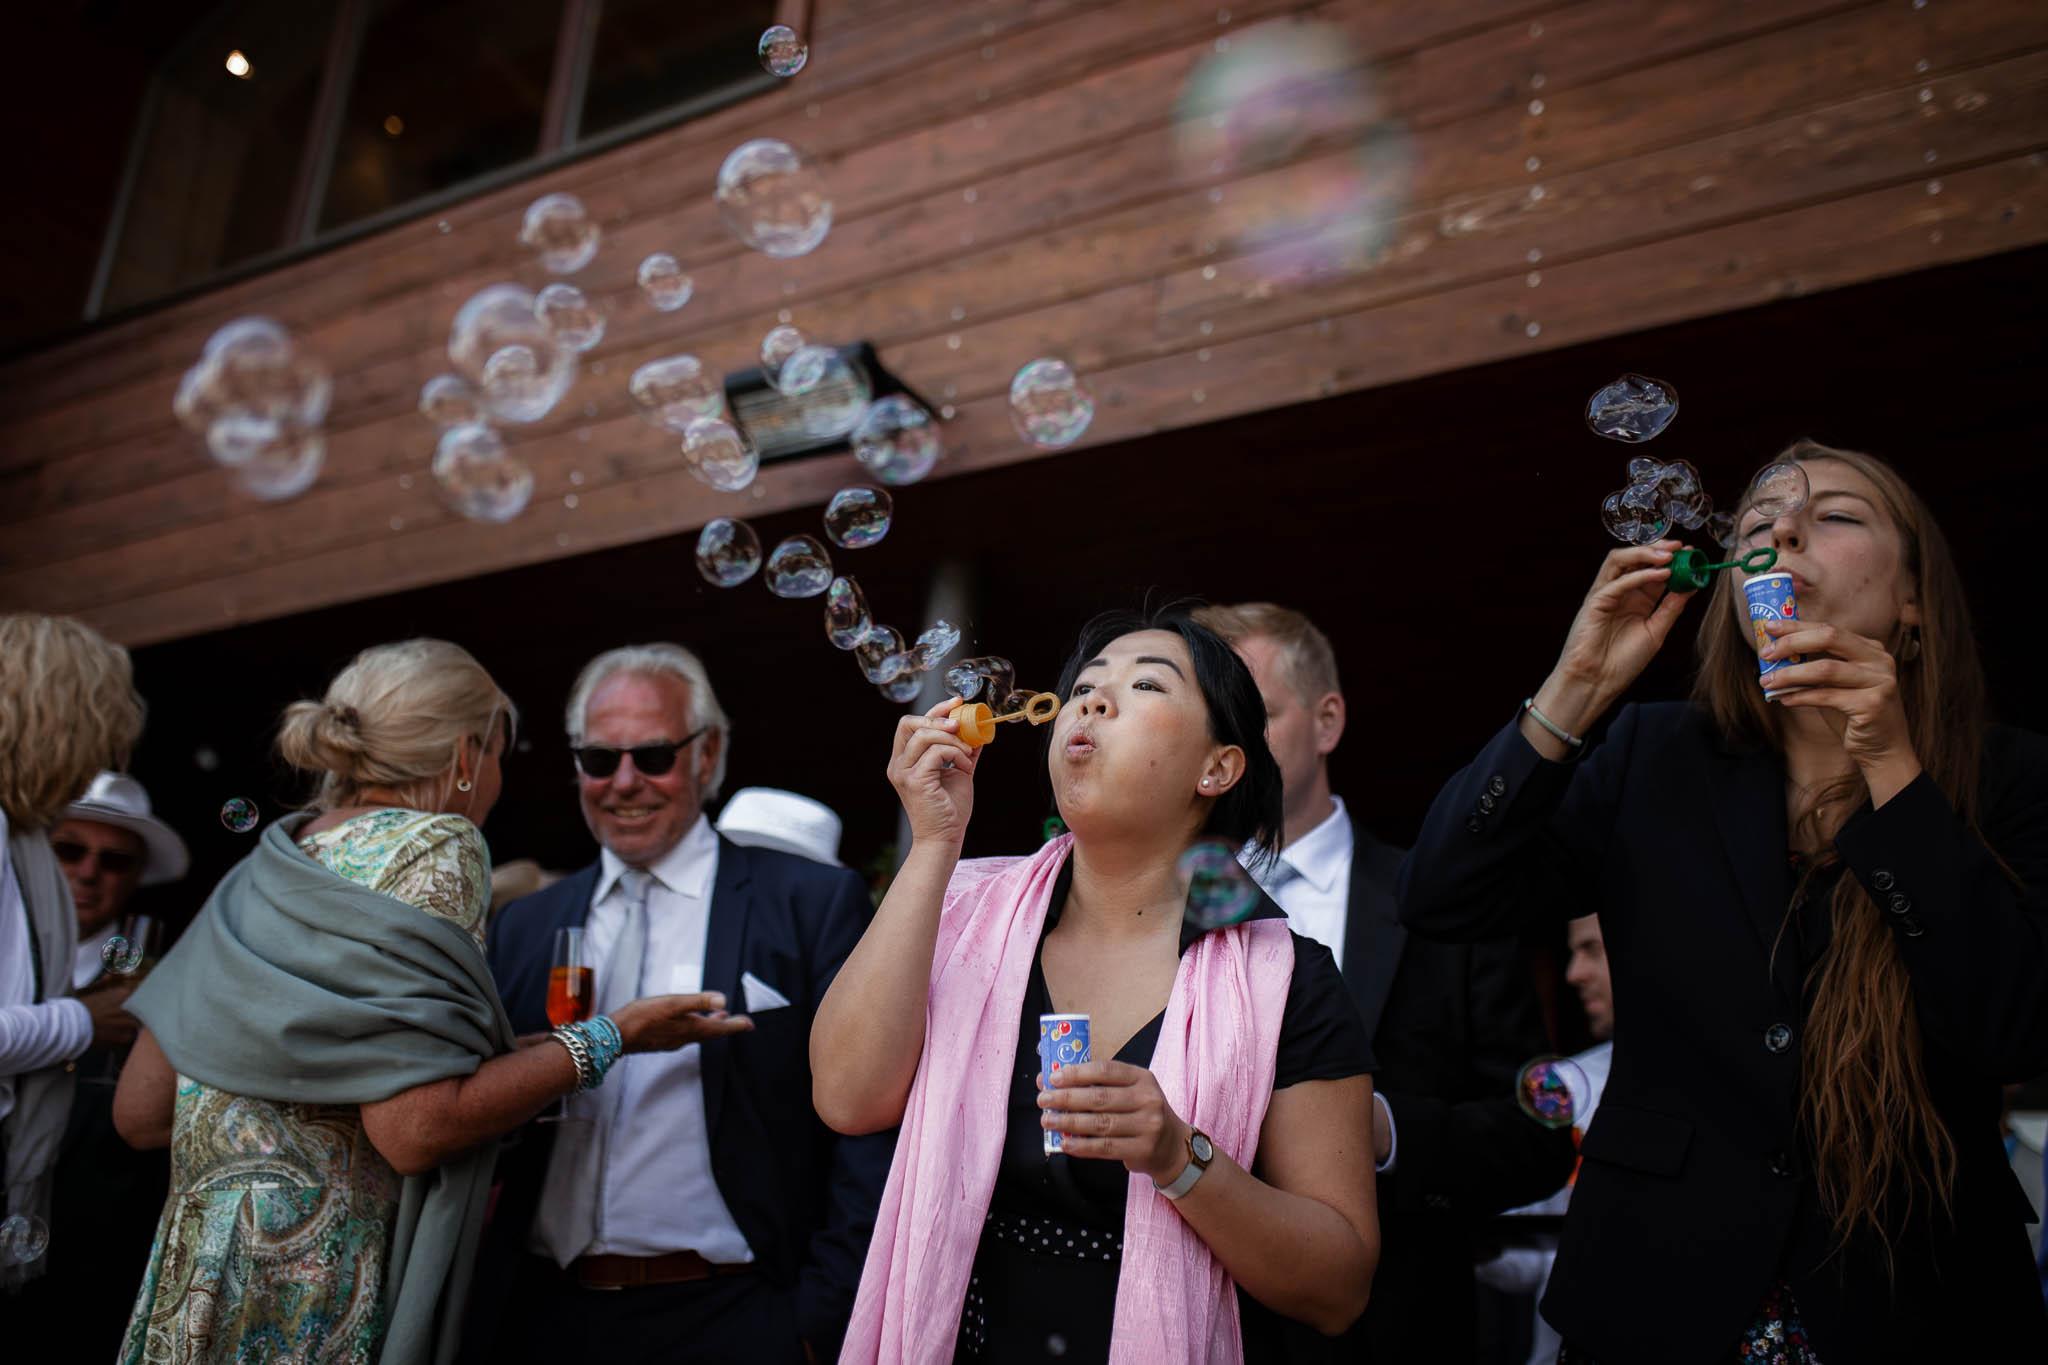 Hochzeitsfotograf Alpen, Chiemgau: freie Trauung von Dennis & Dirk 40